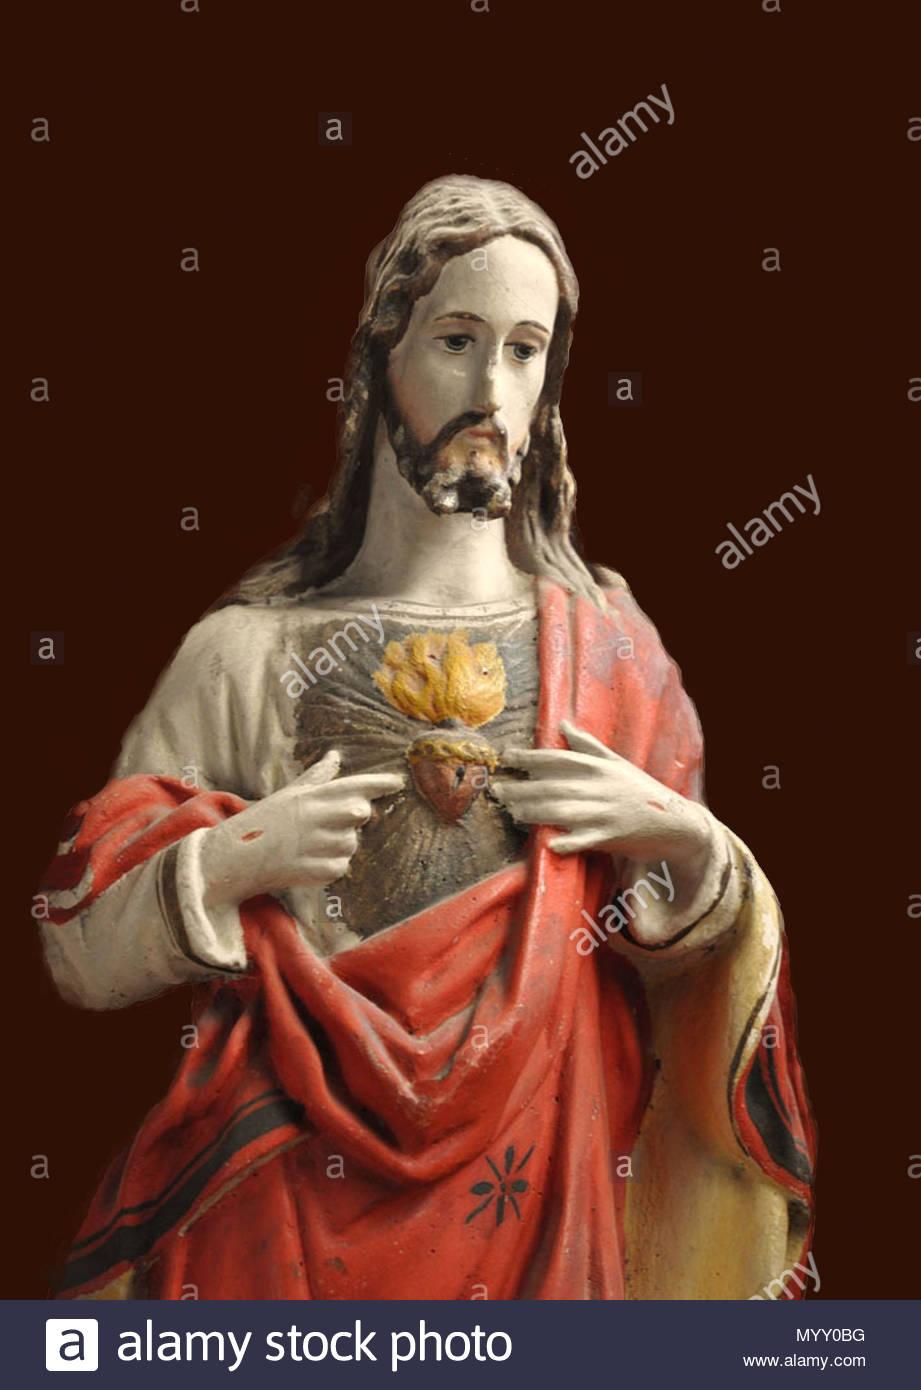 christ saint figure - Stock Image